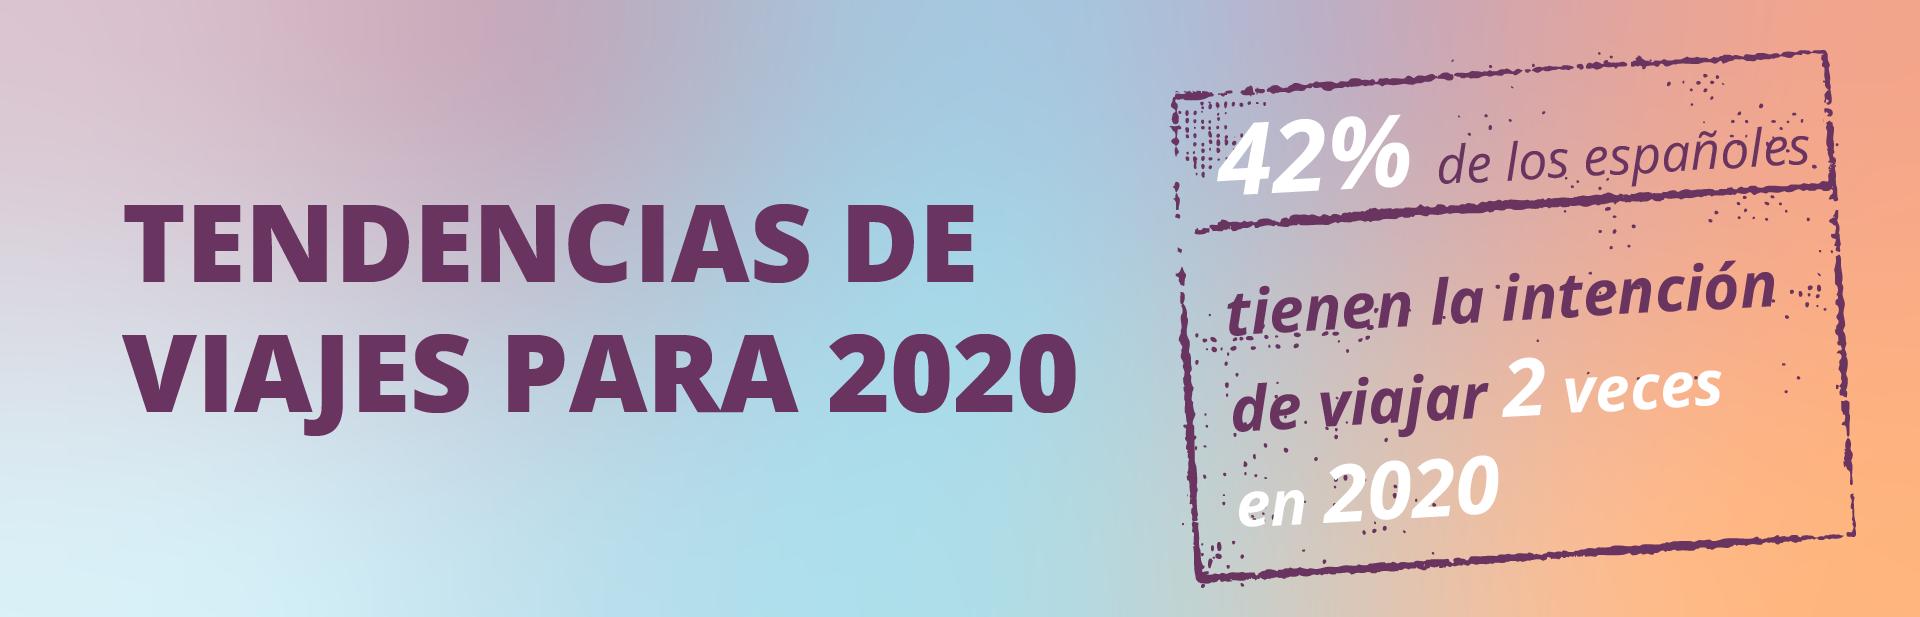 ViajerosPiratas analiza las tendencias de viajes para el 2020